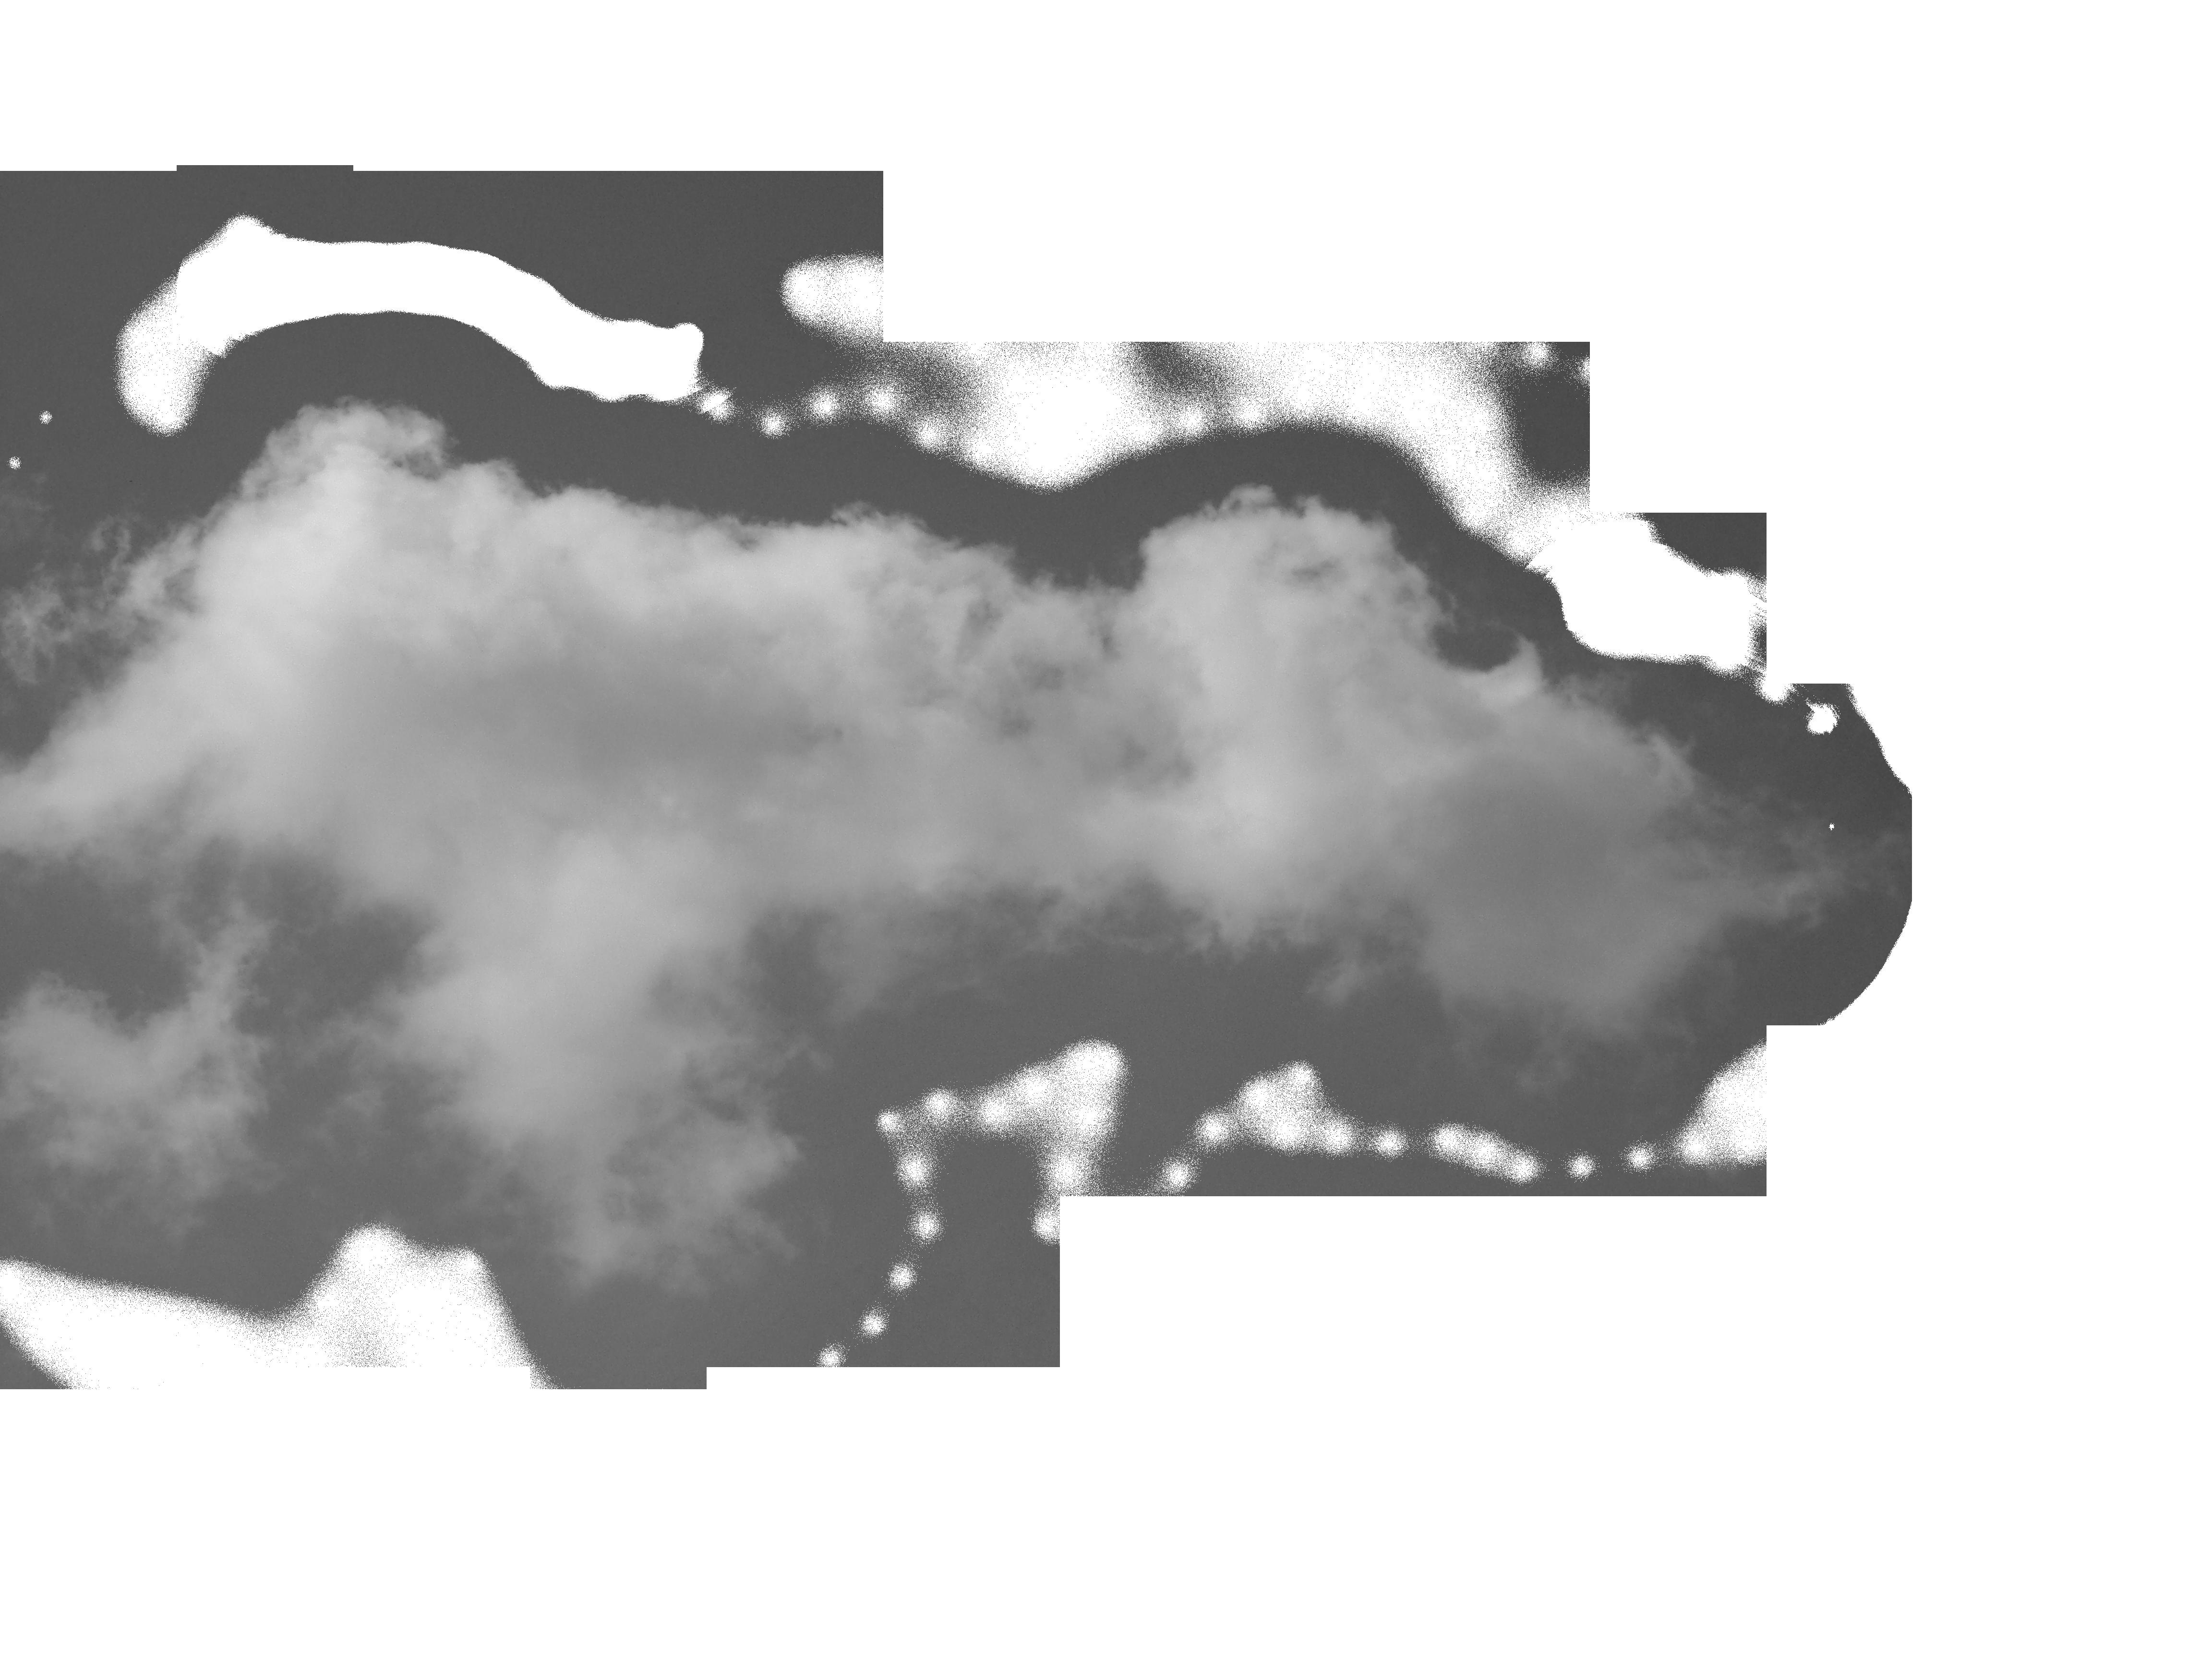 Mist Image PNG Image